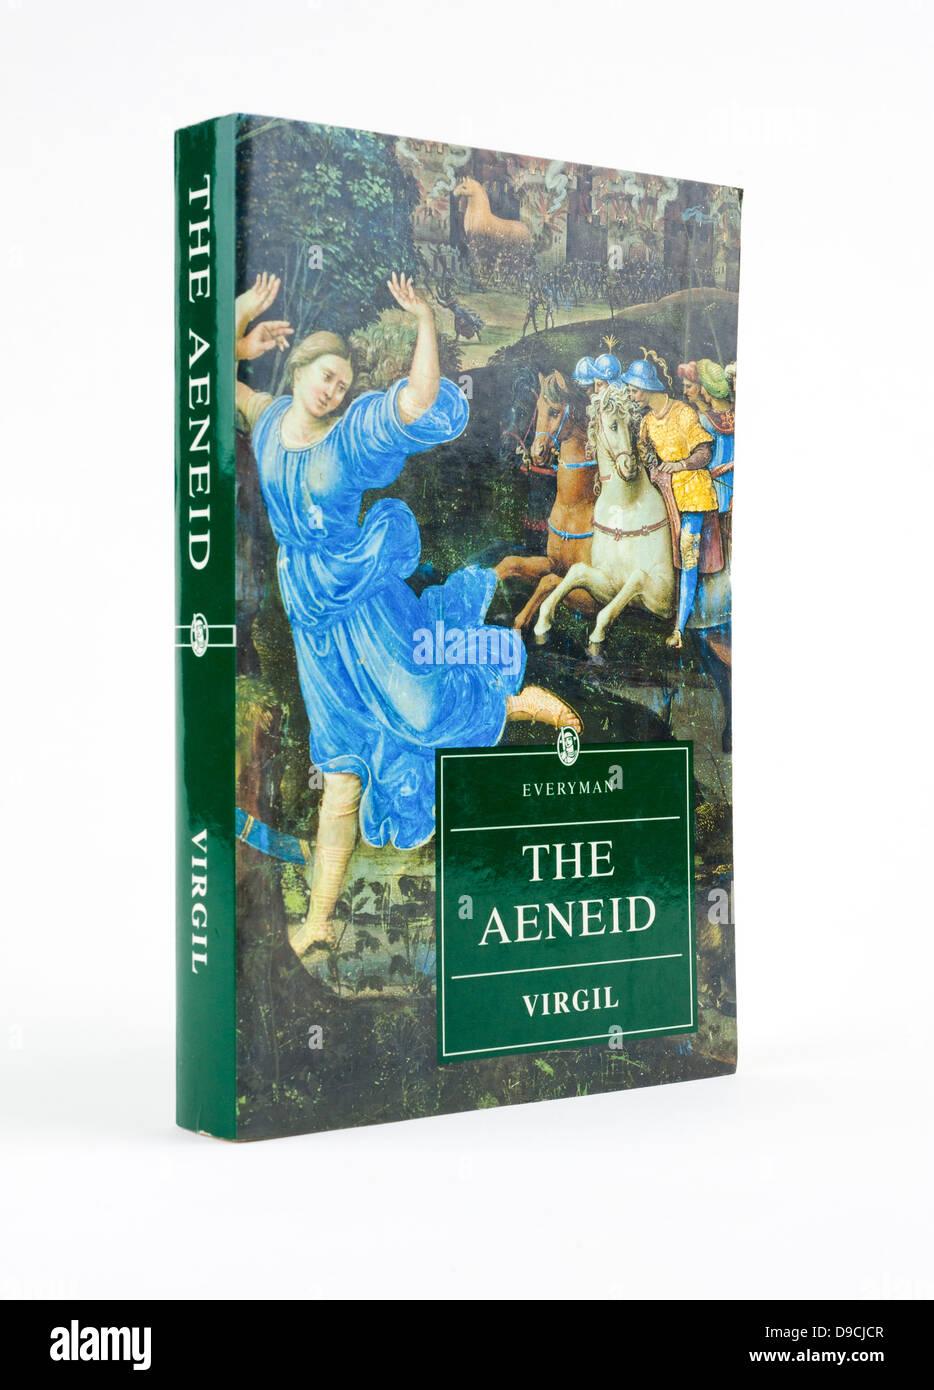 'The Aeneid', a Latin epic poem by Virgil (Publius Vergilius Maro) - Stock Image